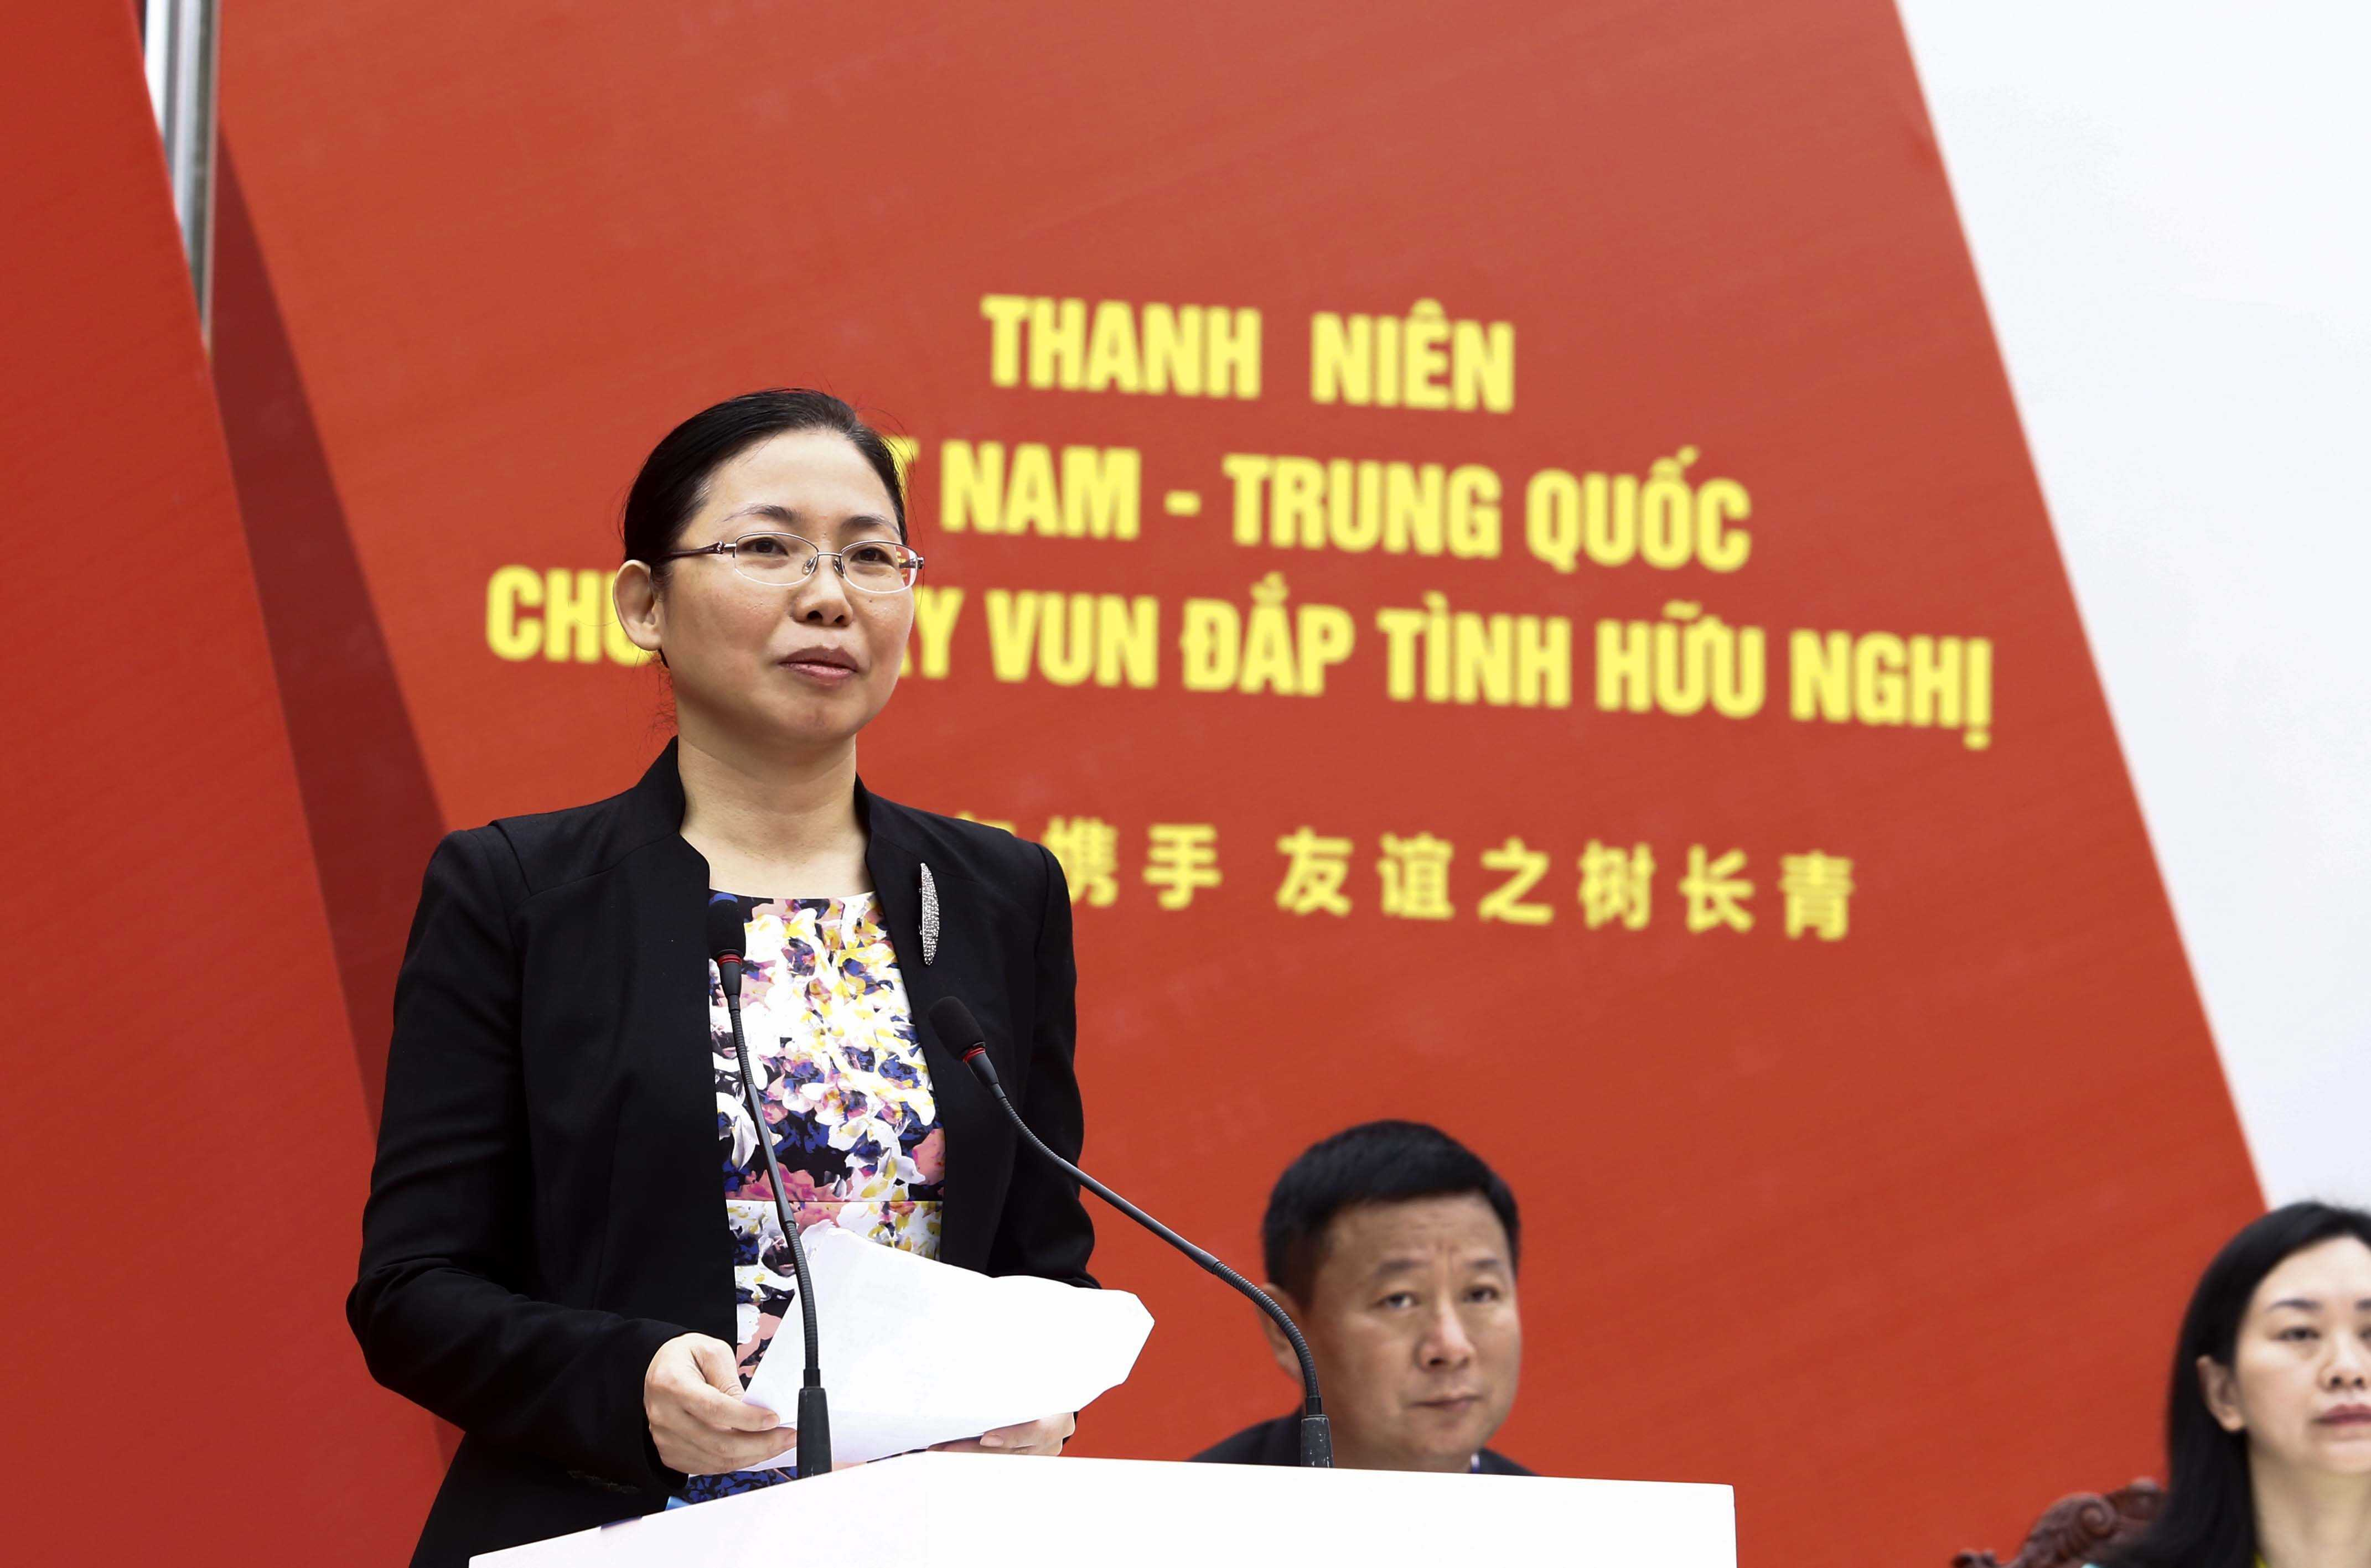 0490 - Khởi động Liên hoan Thanh niên Việt Nam - Trung Quốc lần thứ III